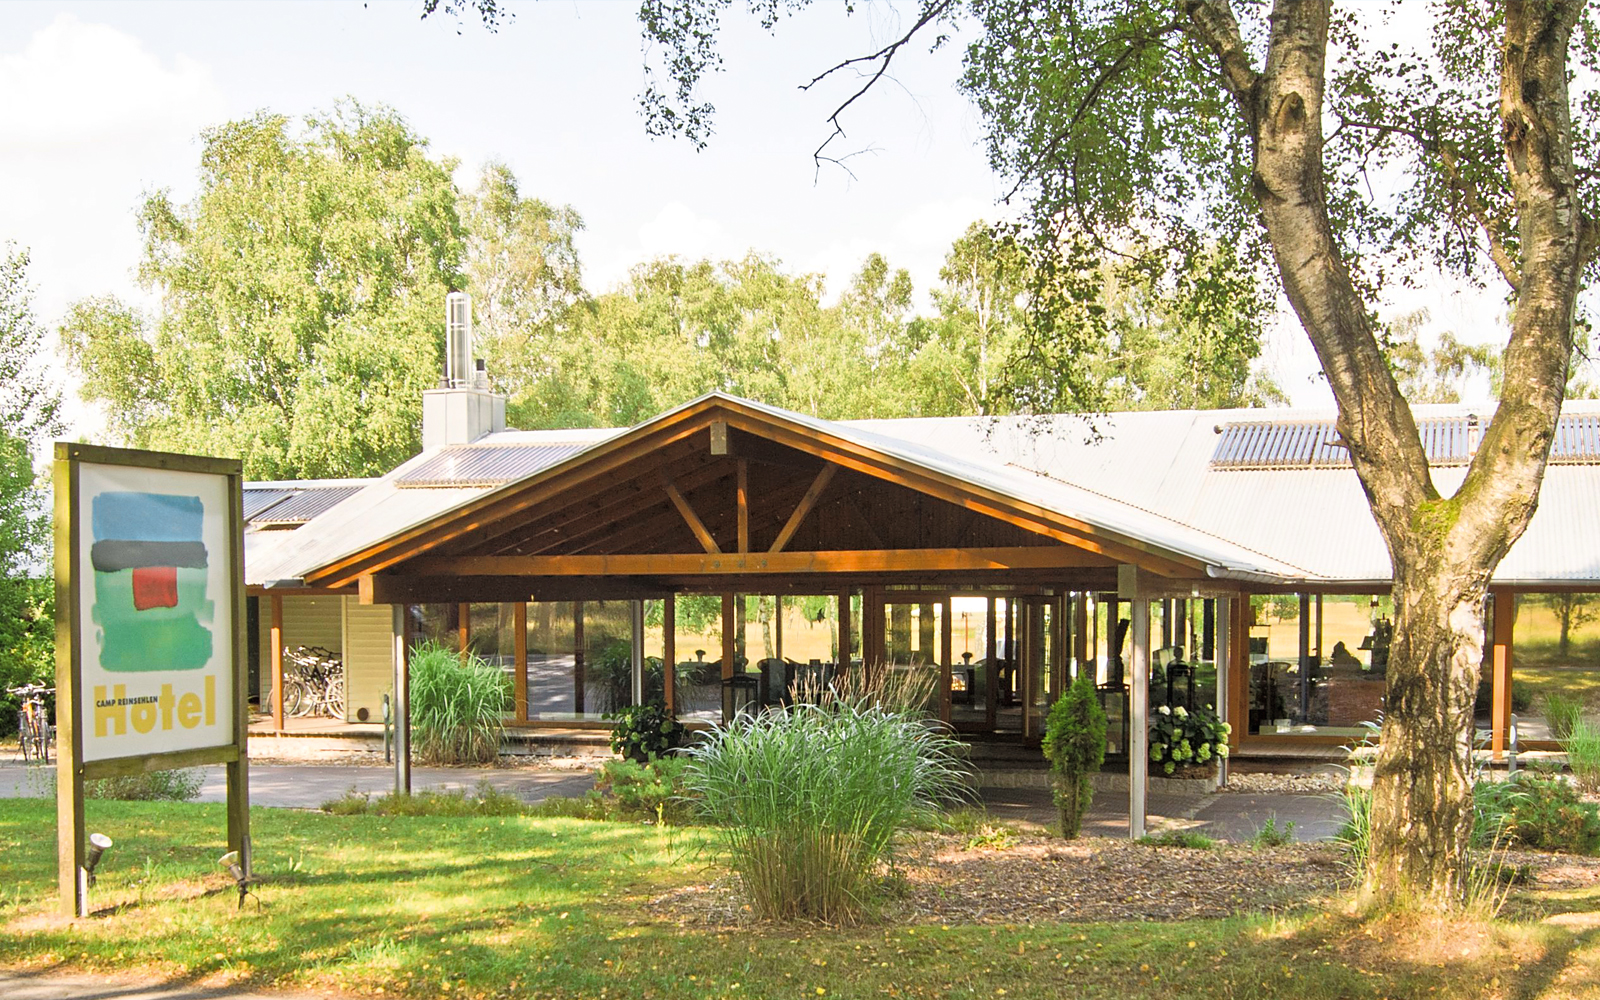 Eingebettet in die Natur, besticht das Hotel Camp Reinsehlen durch sein besonderes Konzept.